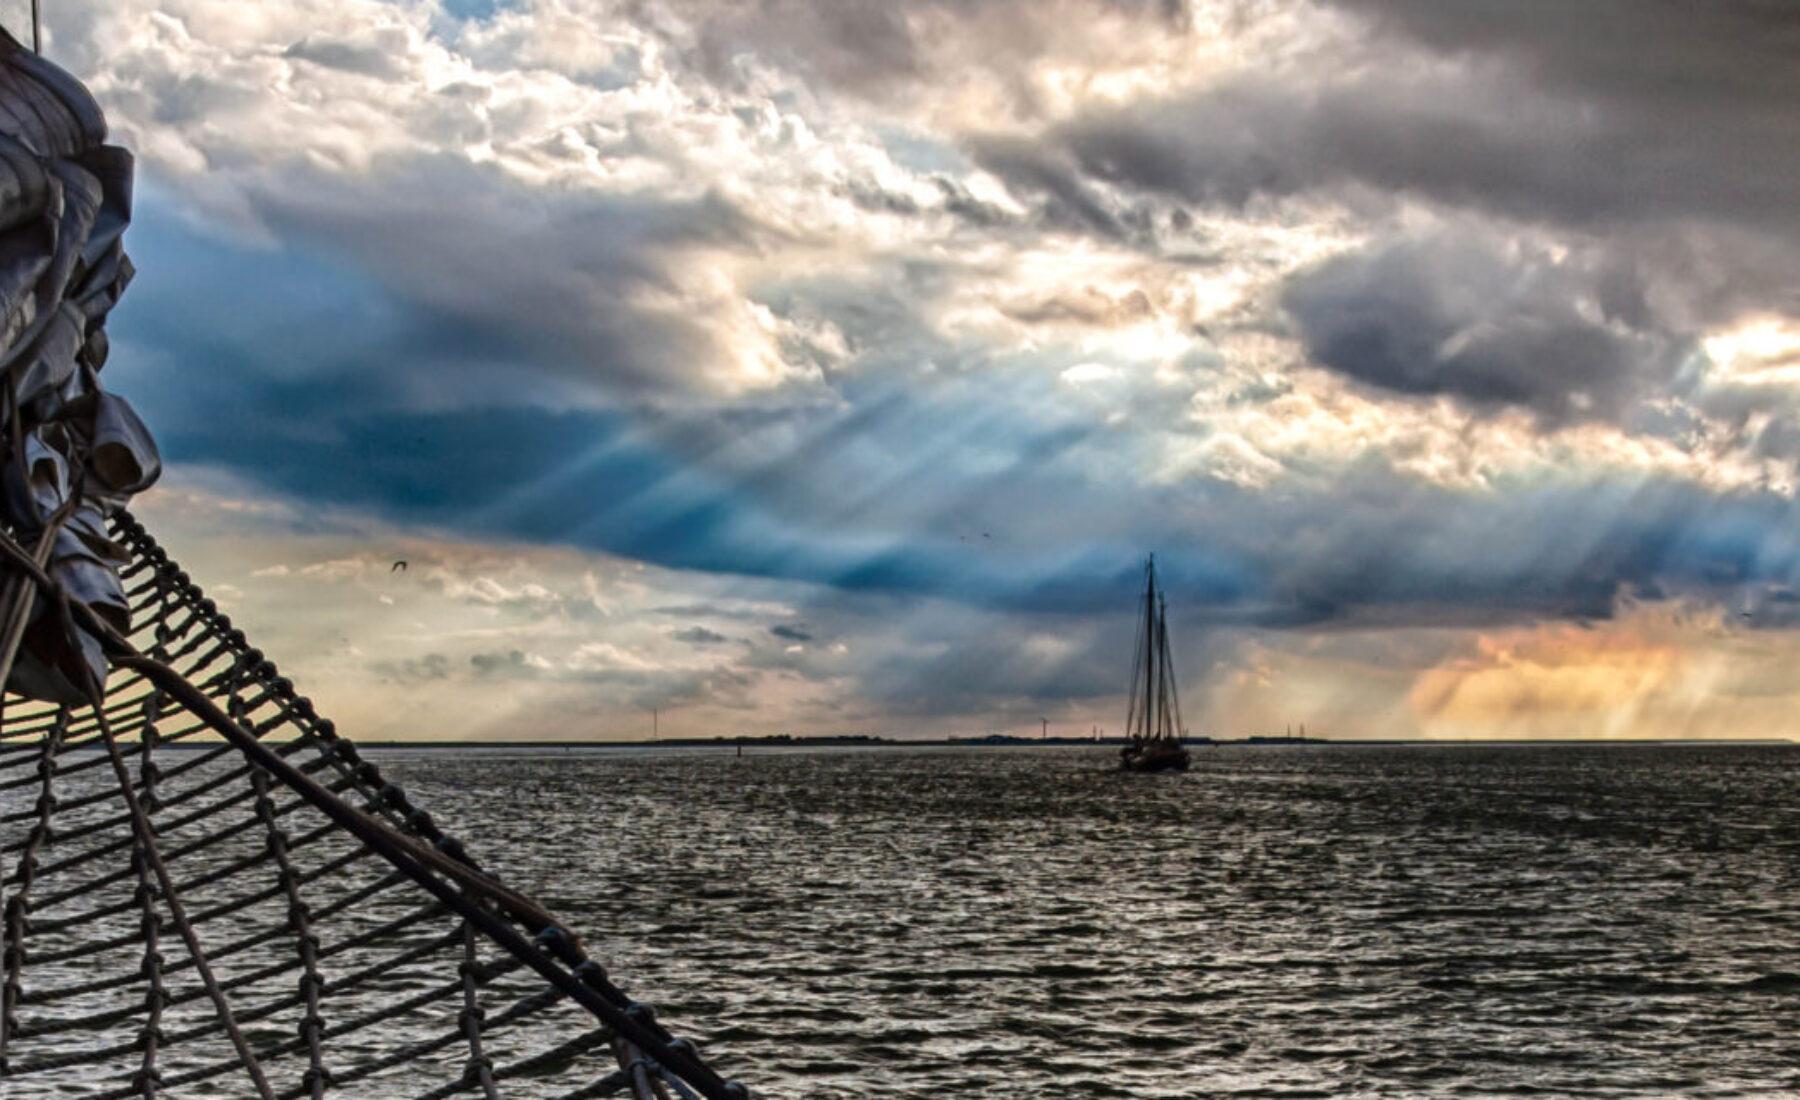 Fotokalender 2016 Bisschop van Arkel – Sailing Experience 2016